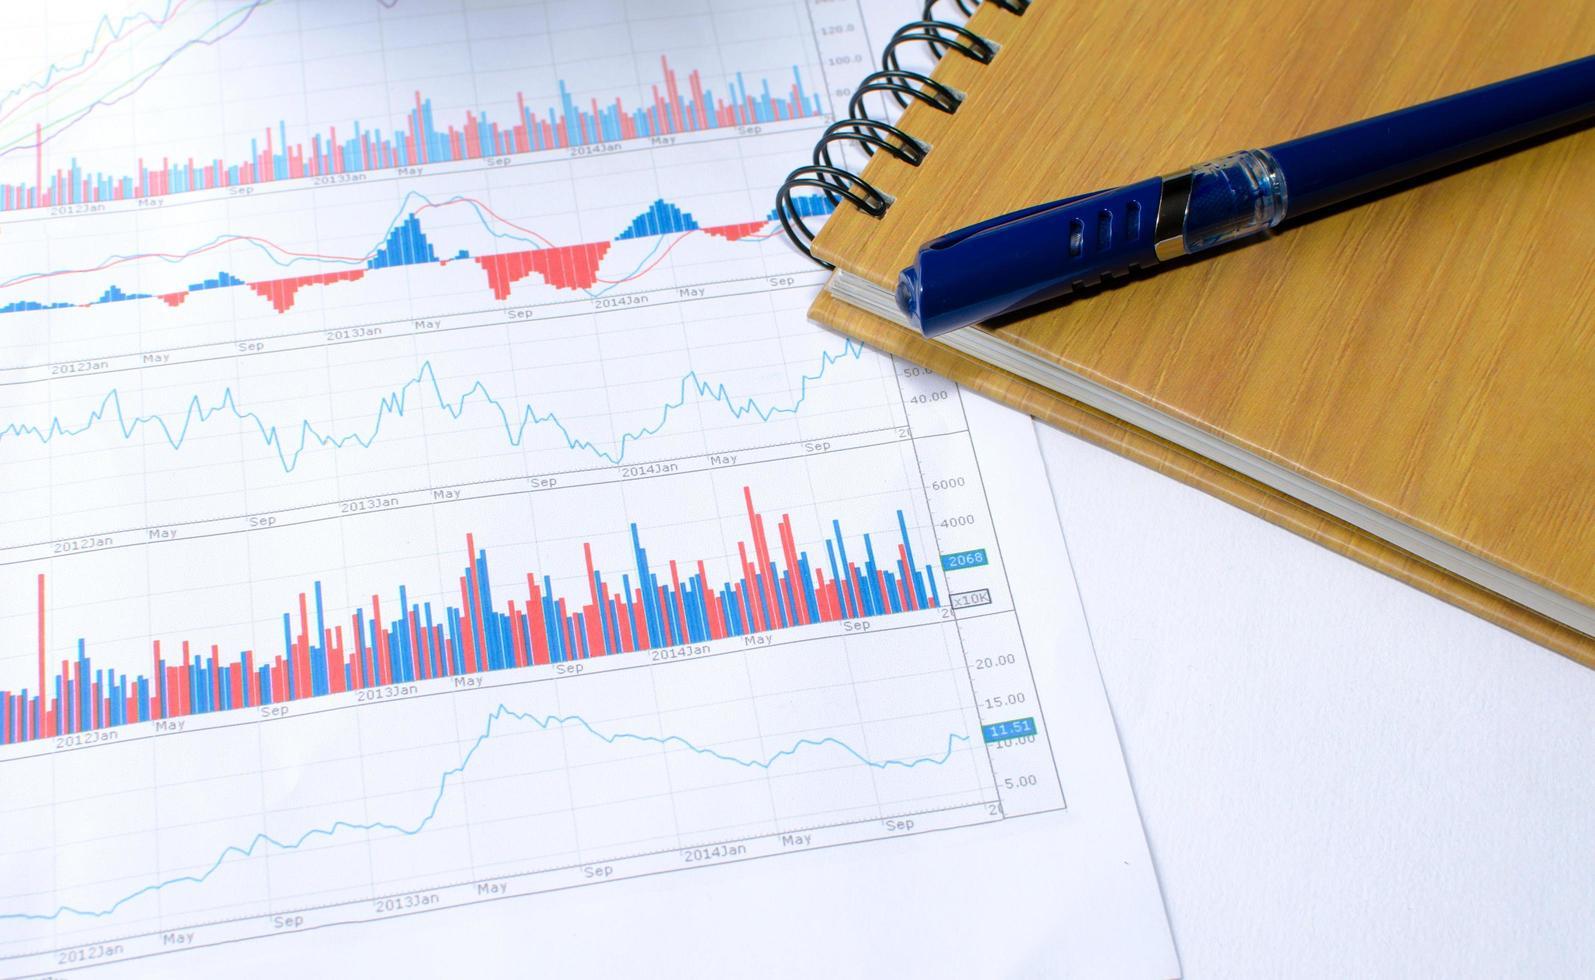 documentos y gráficos comerciales foto